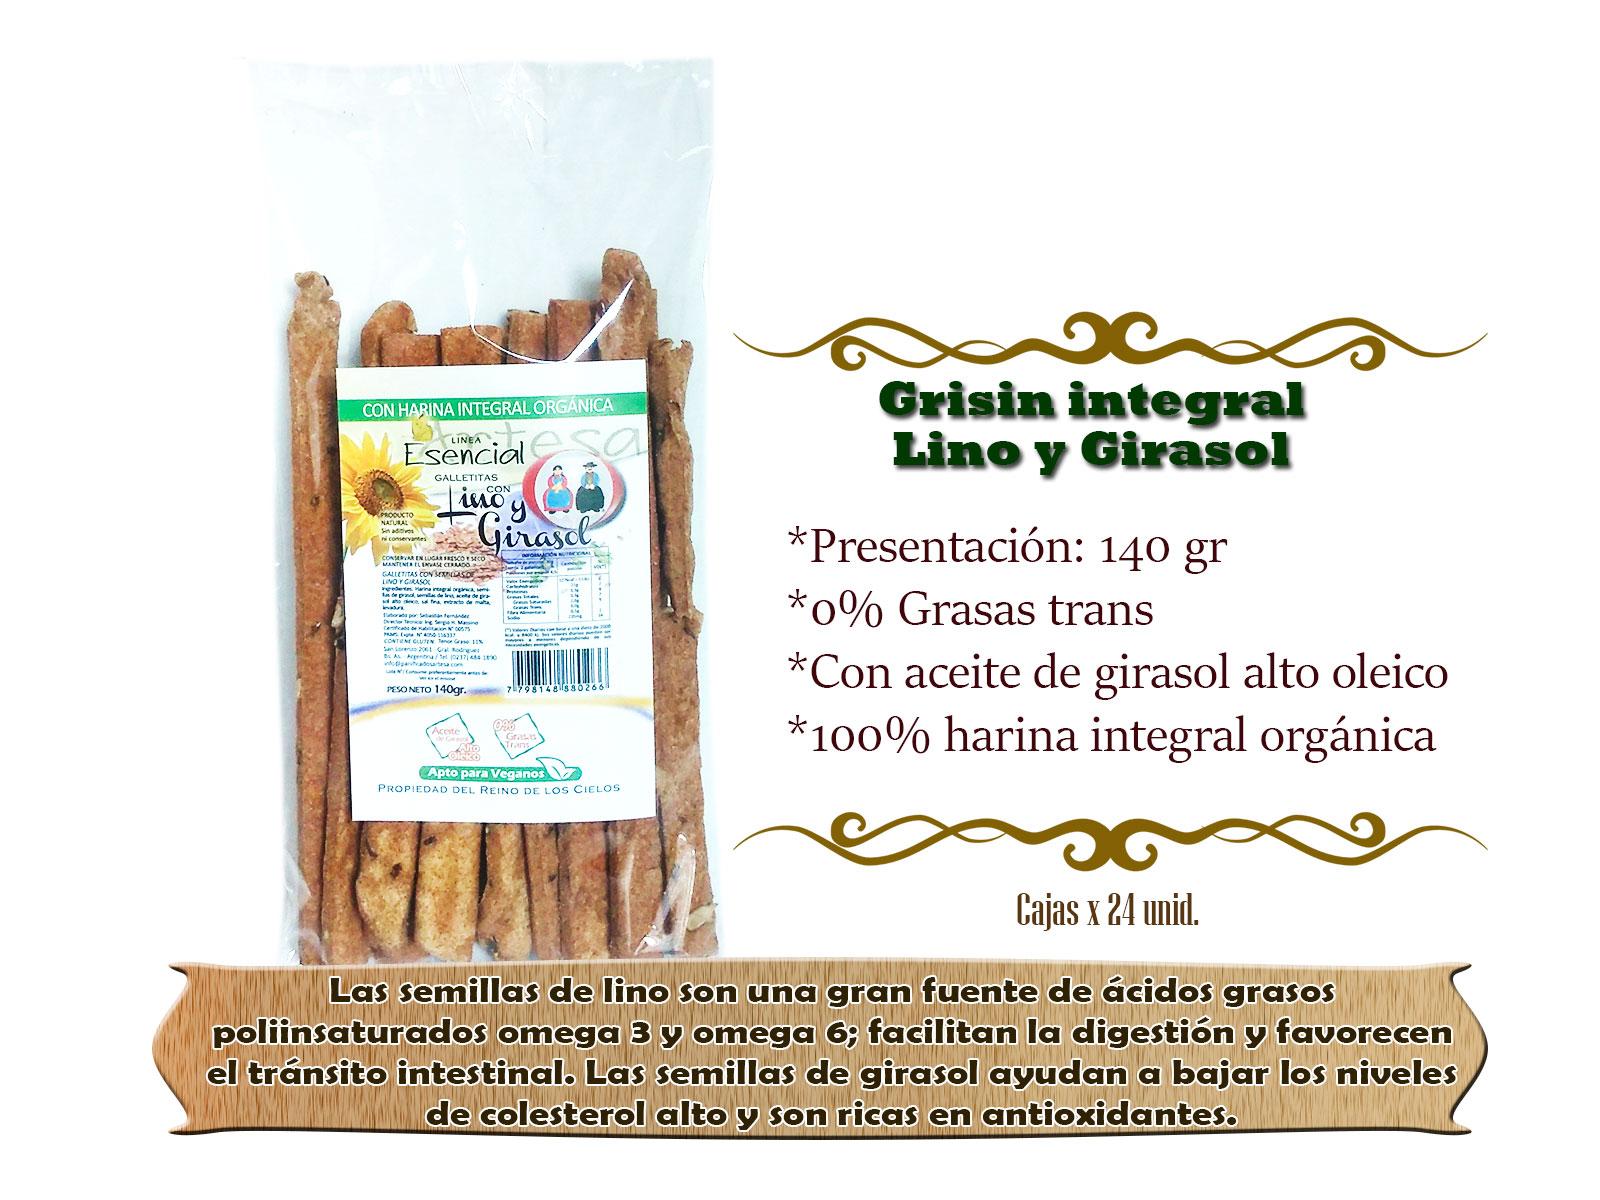 Grisin integral Lino y Girasol